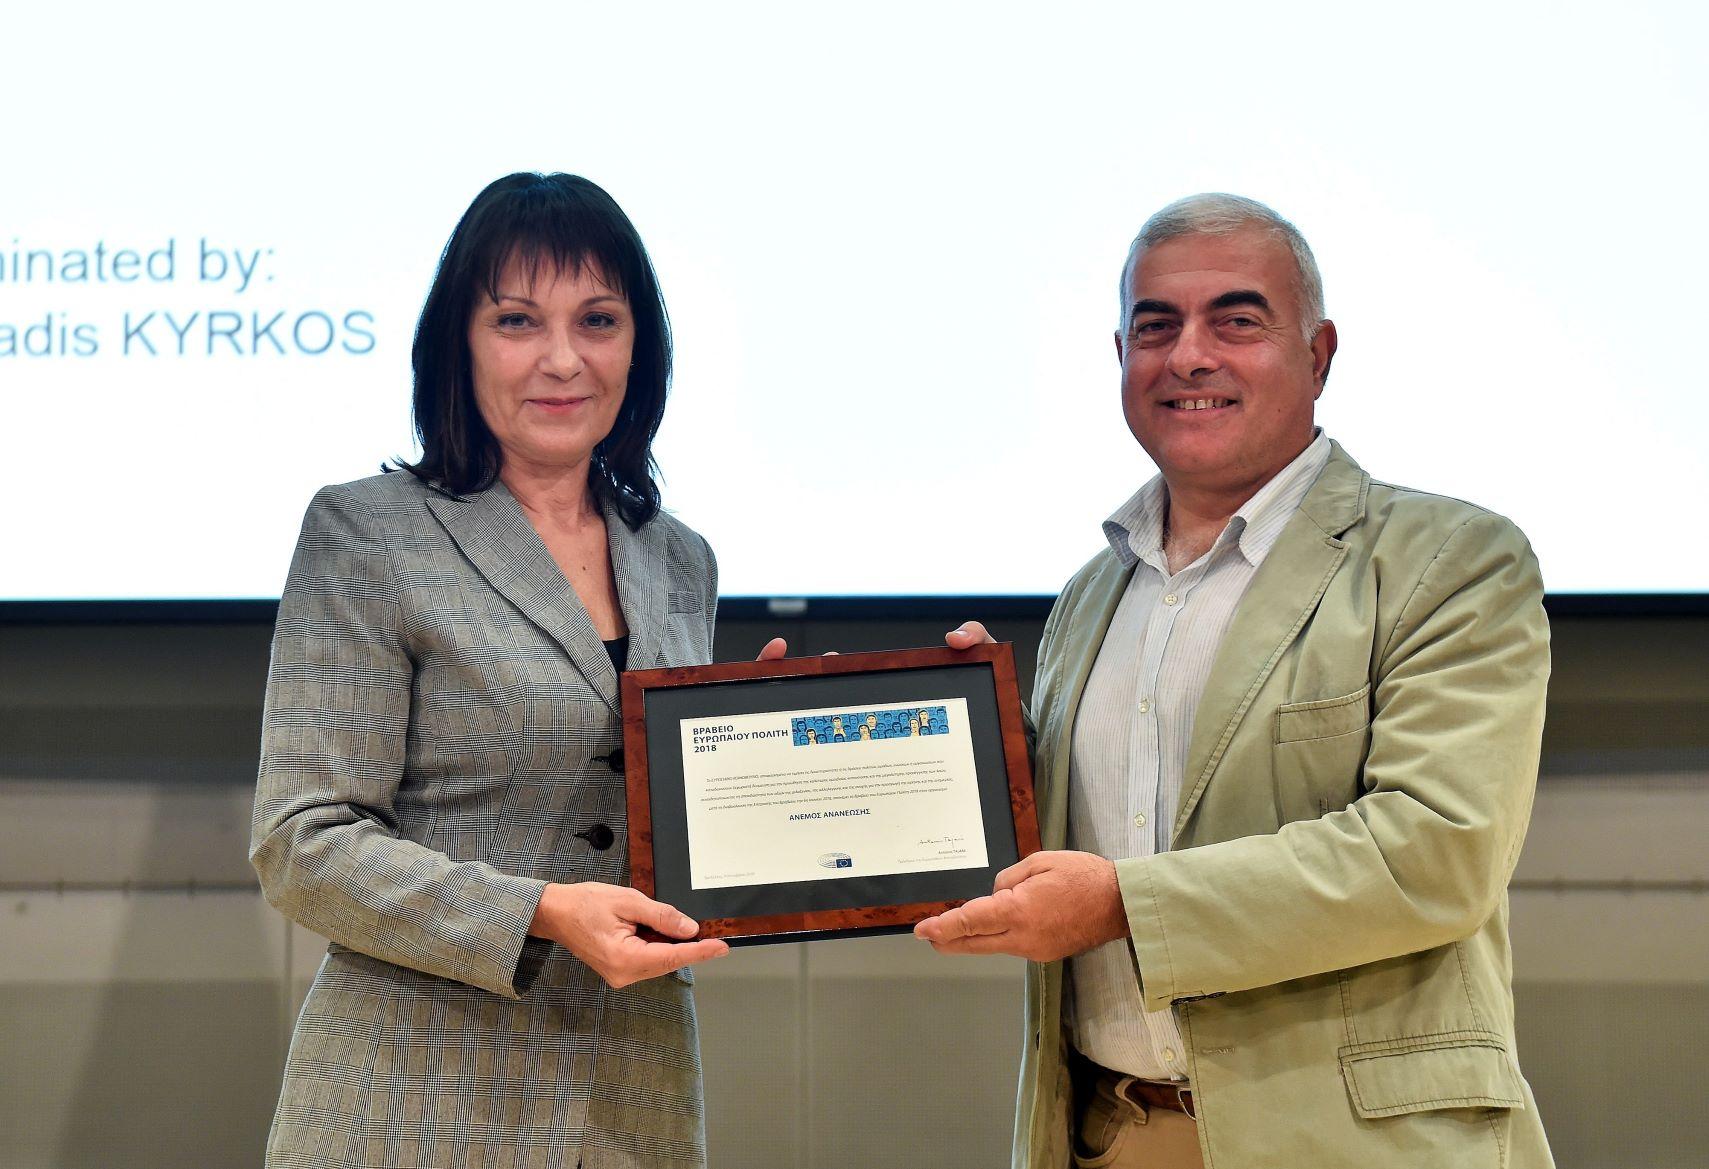 Ο Άνεμος Ανανέωσης βραβεύθηκε με το European Citizen's Prize